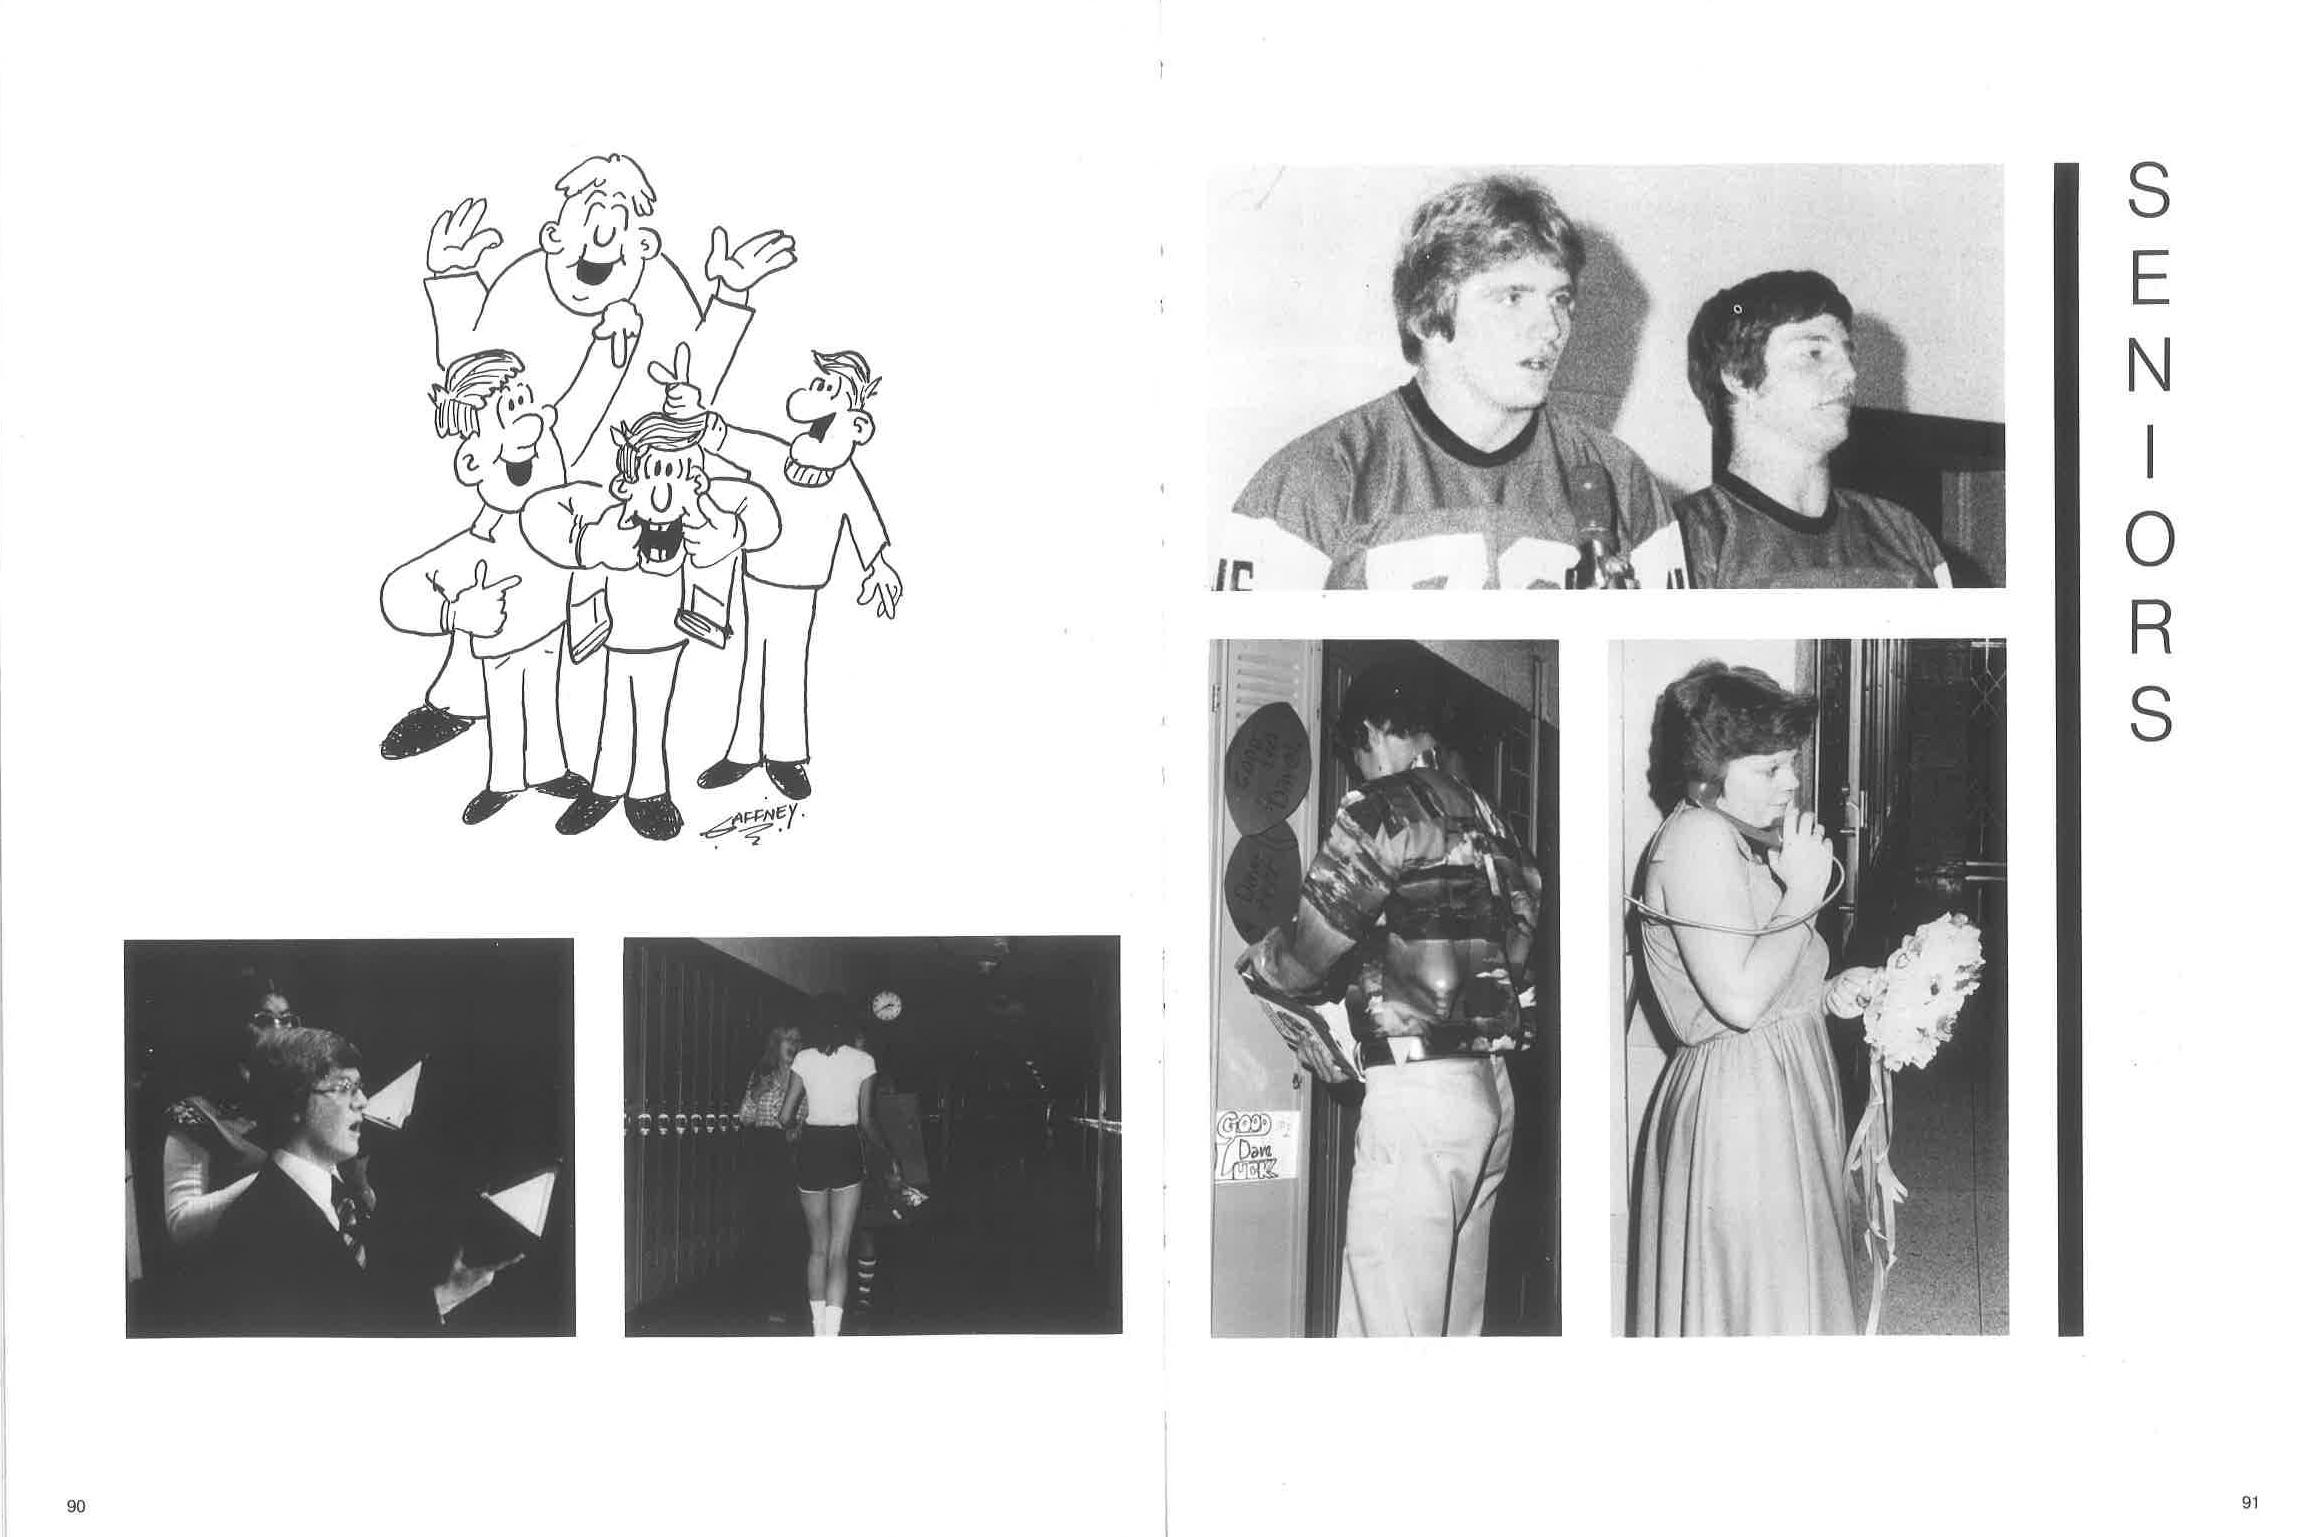 1979_Yearbook_90.jpg